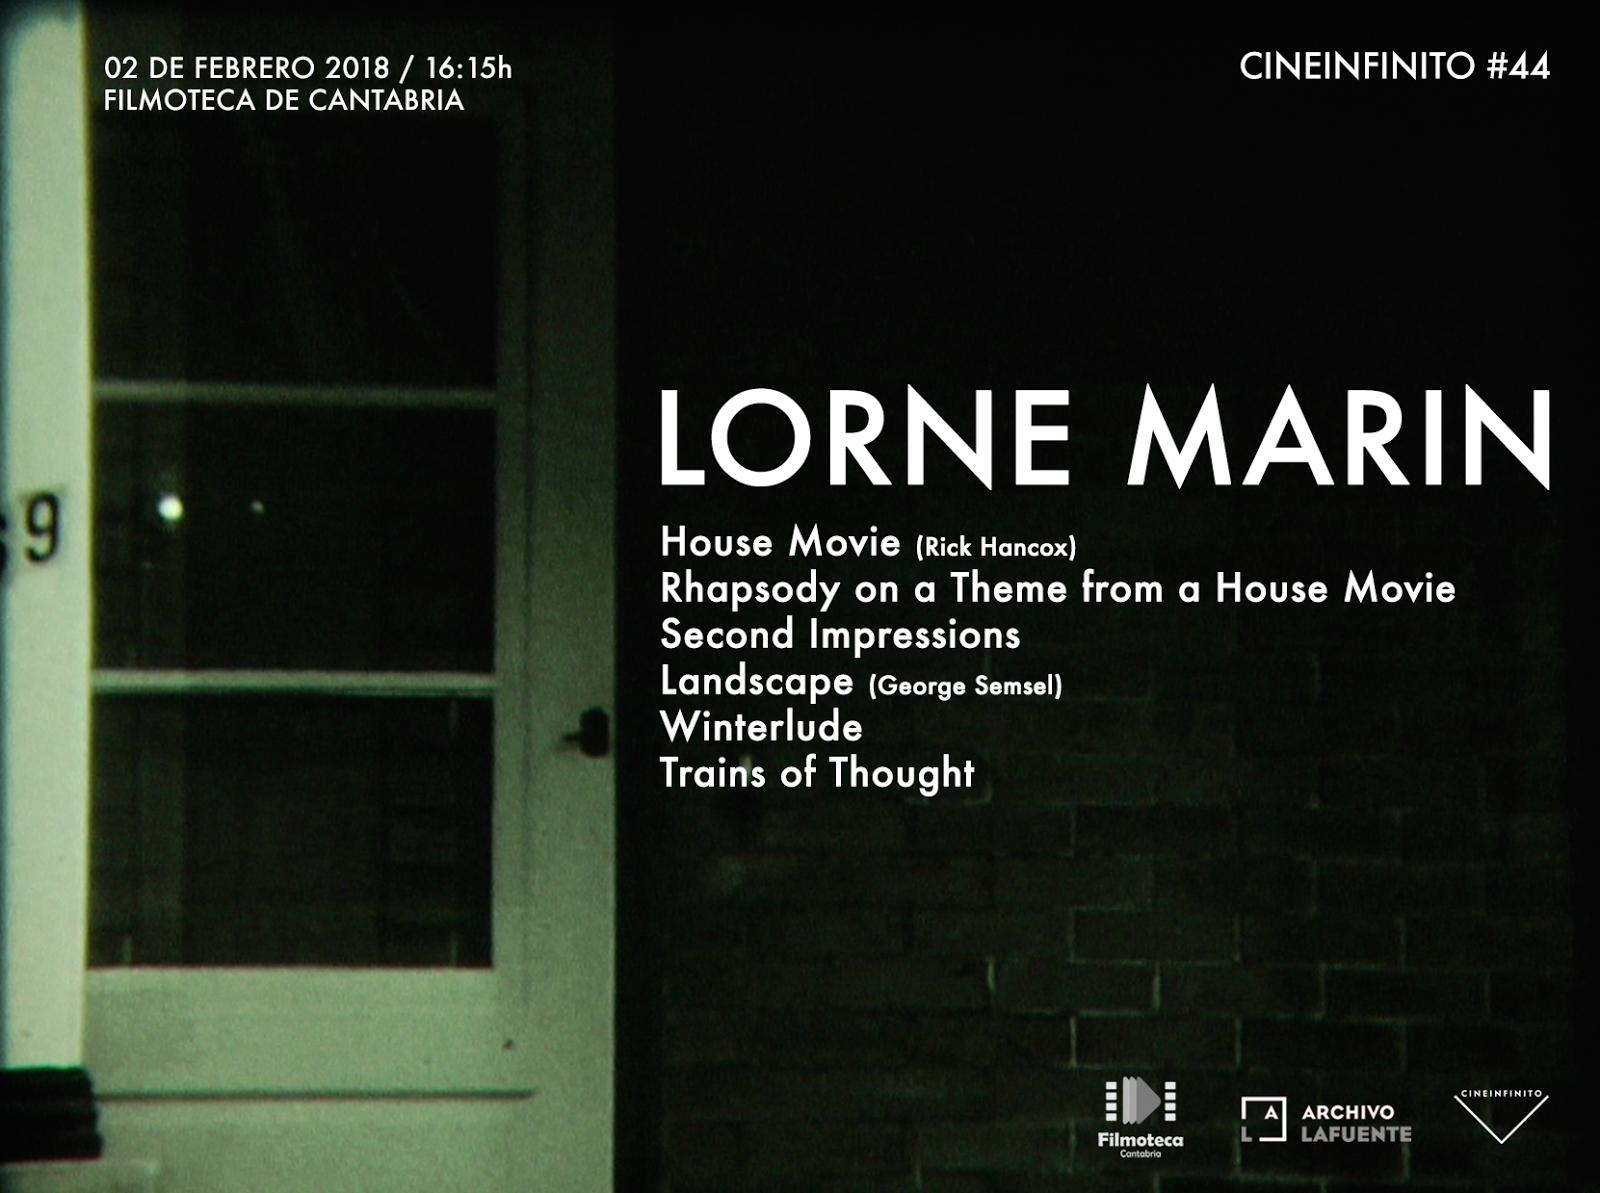 LORNE MARIN